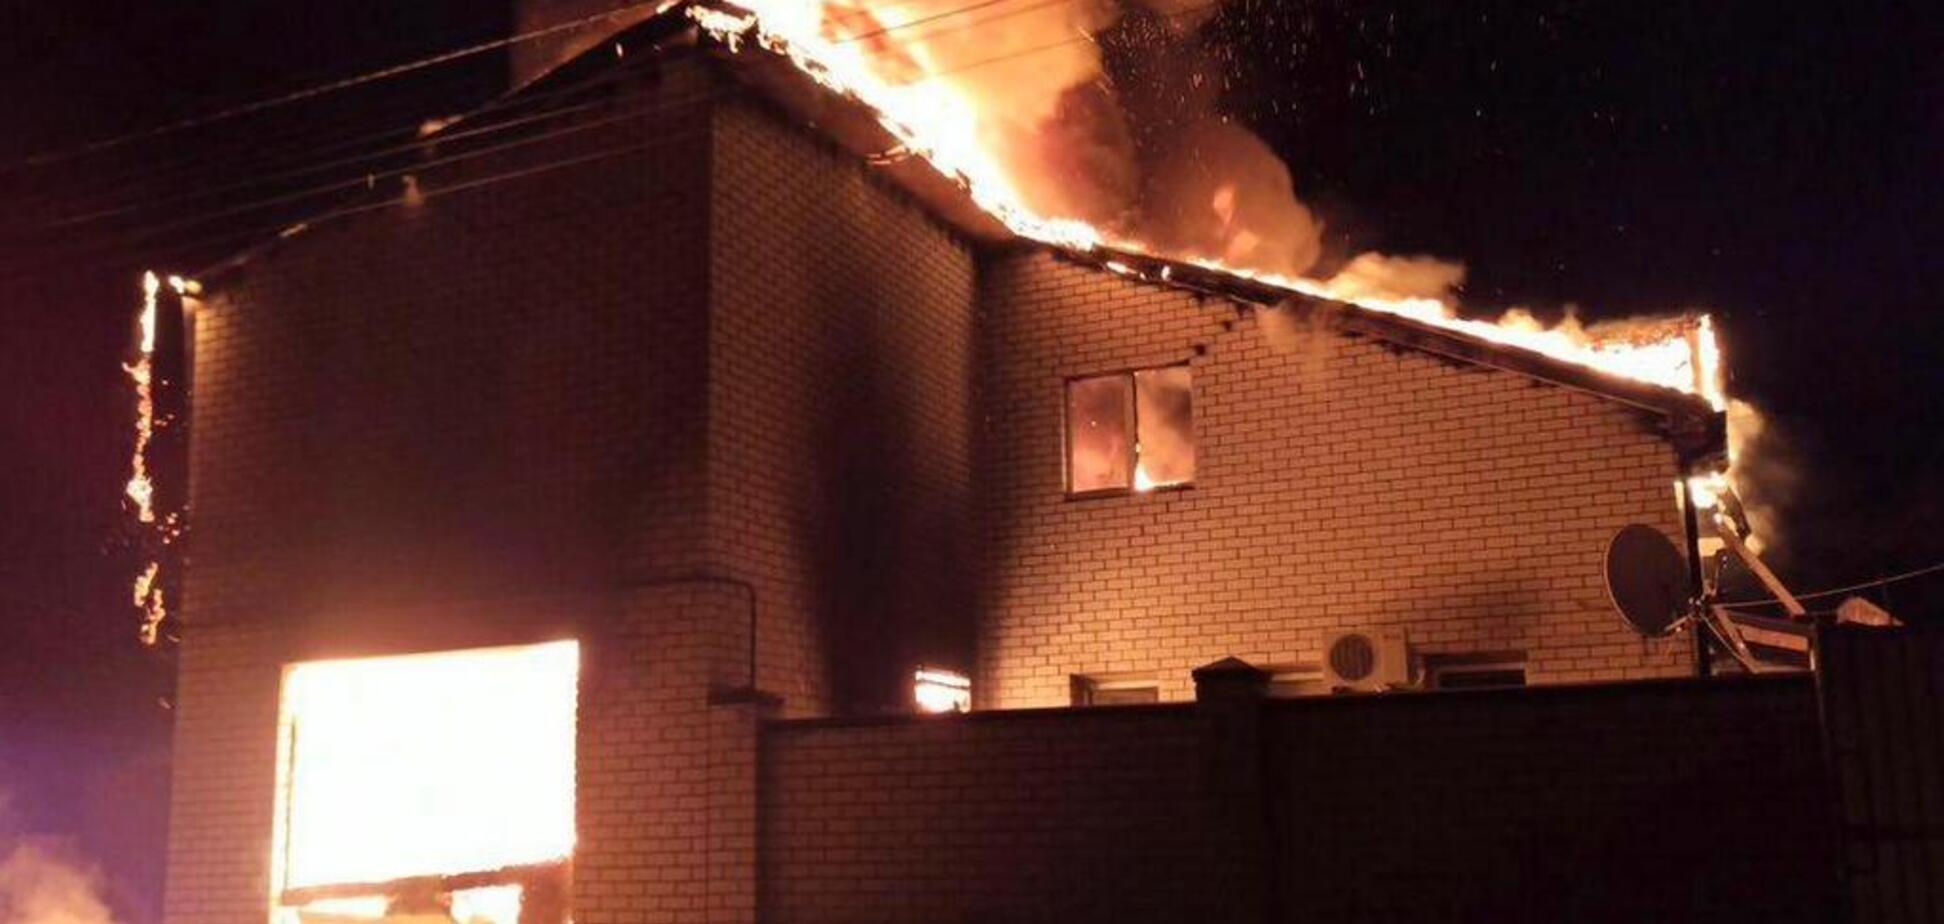 В Днепре масштабный пожар уничтожил целый дом: огненные фото и видео